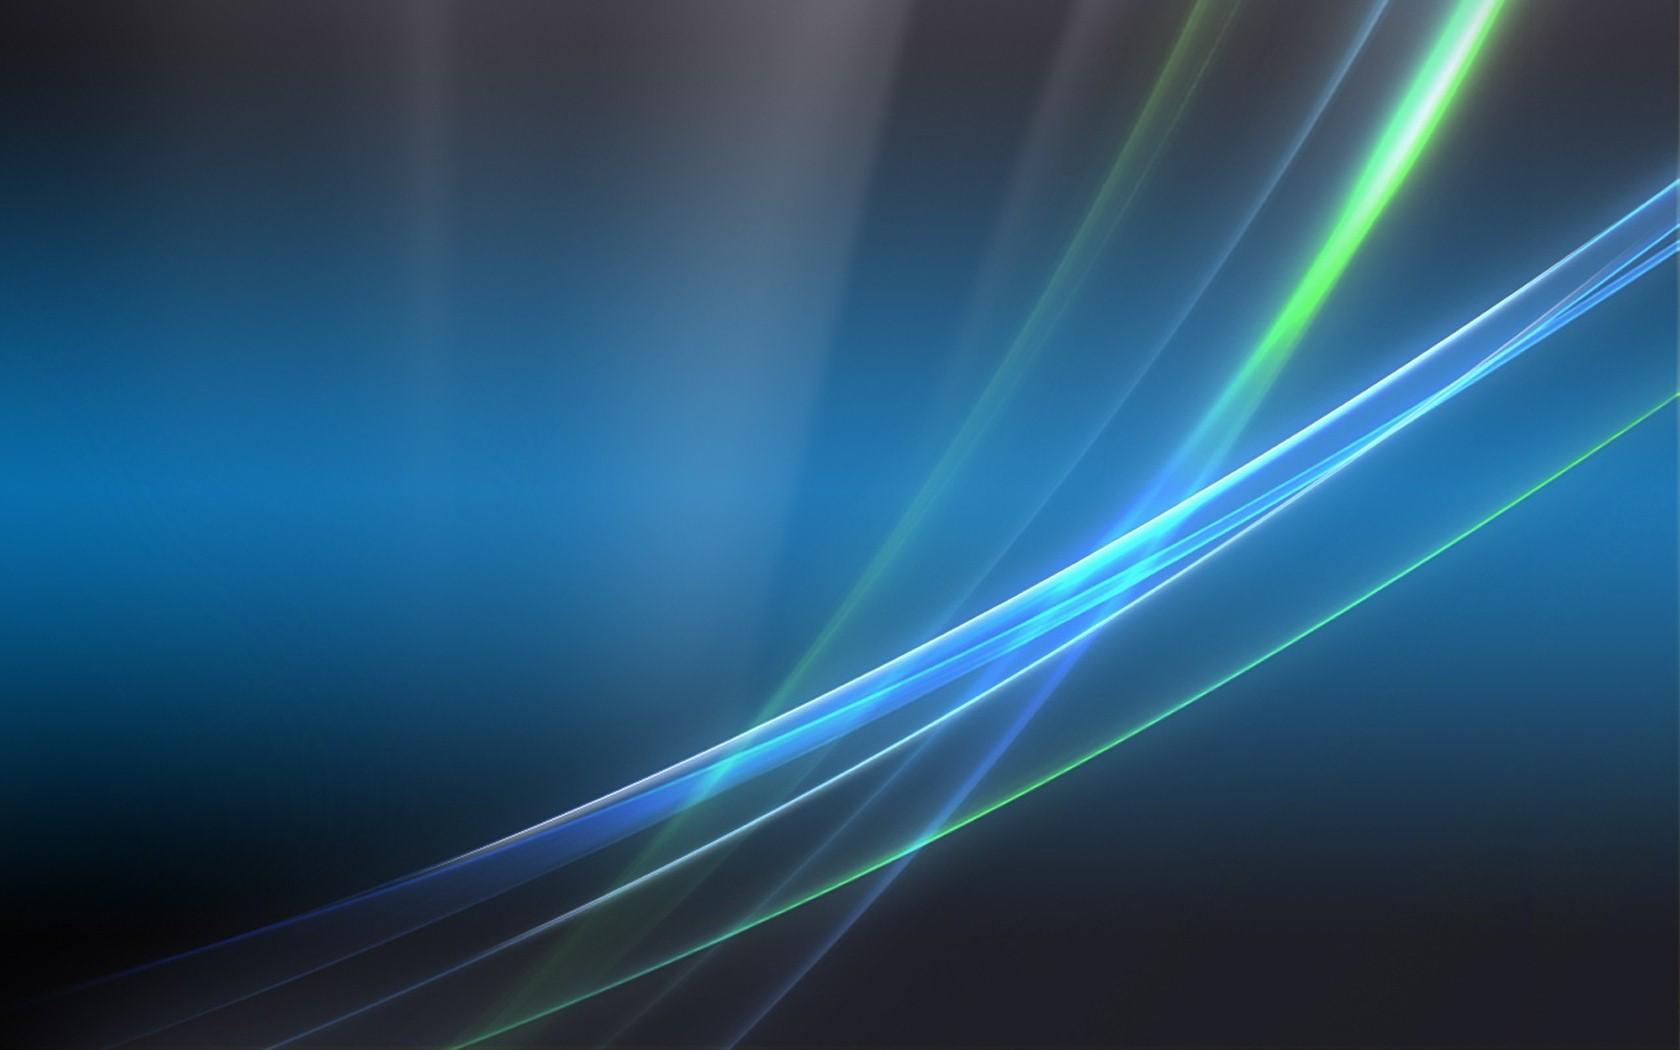 Hd Tractor Desktop Wallpapers: Original Windows Vista Desktop Wallpapers